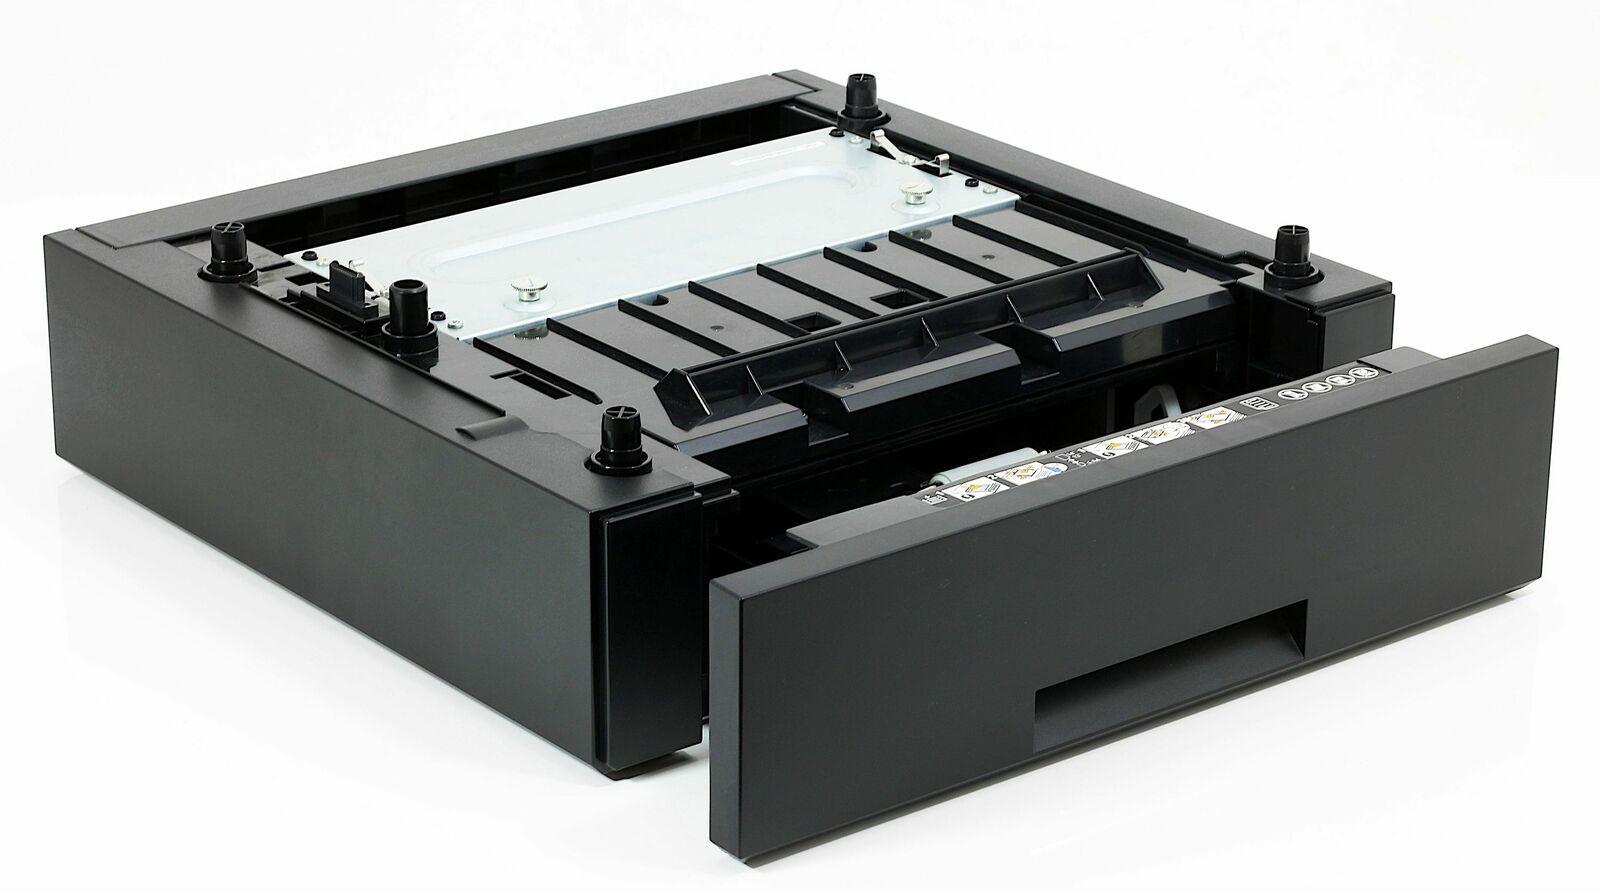 Dell compartiment pour papier 724-10089 imprimante laser 2130cn 2130dn utilisé